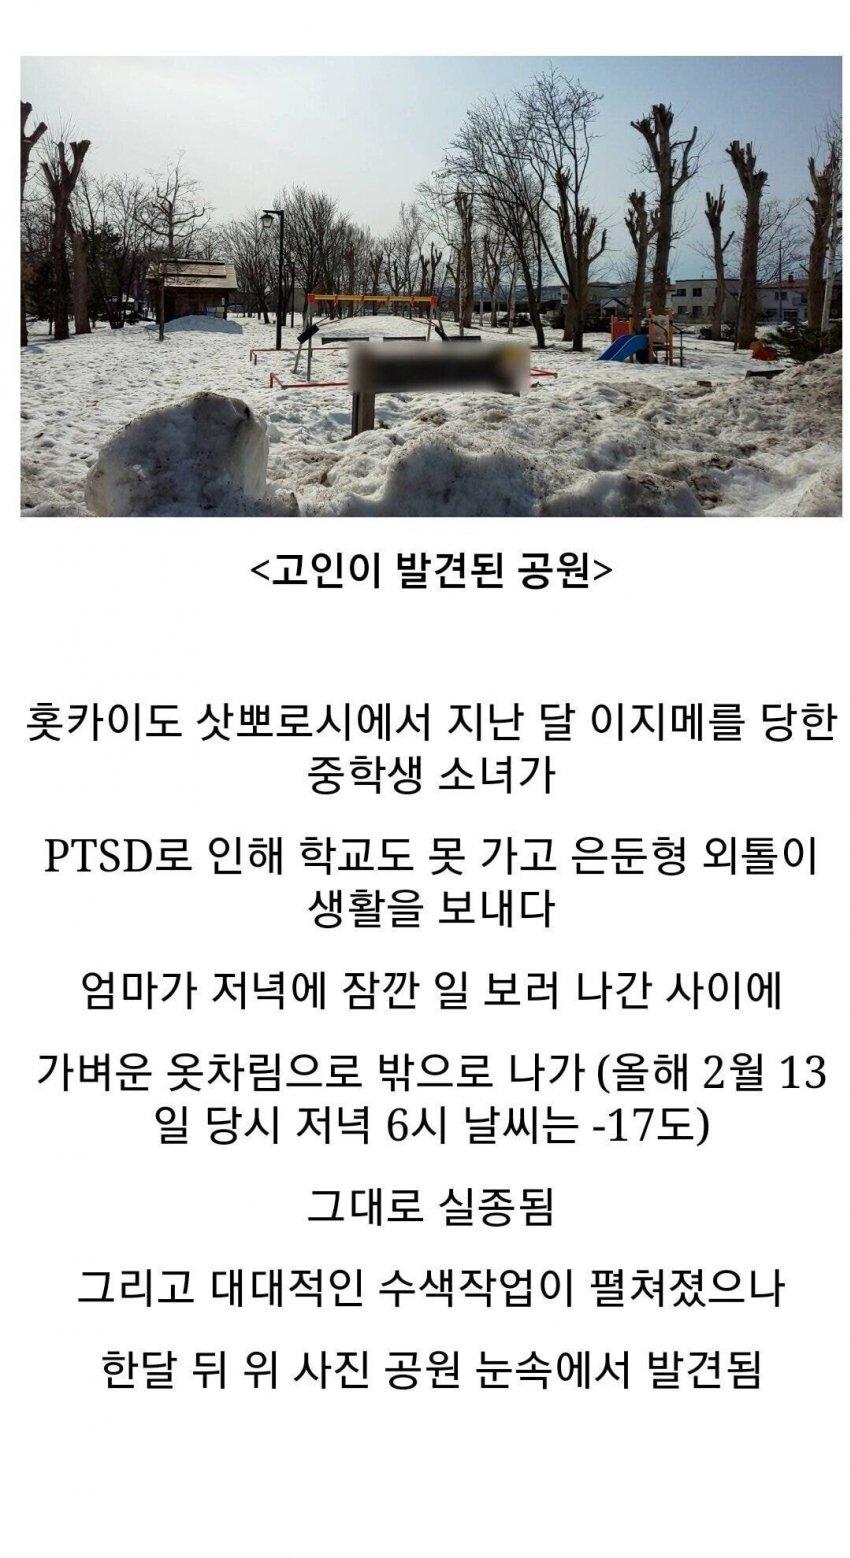 viewimage.php?id=21b2c623e9db2ea3&no=24b0d769e1d32ca73cec81fa11d02831ce3cef1b9542c00ceb084620f9a782311381b48e4b43a3ed474b56b42331a21c4d833423dee8262f2b3e616e33fd79a6d6327dce53c38879fe6b213c02fcd0bde32abe8faed4db574a811aa2eaa486c6414baf79659130a67e98998e1b